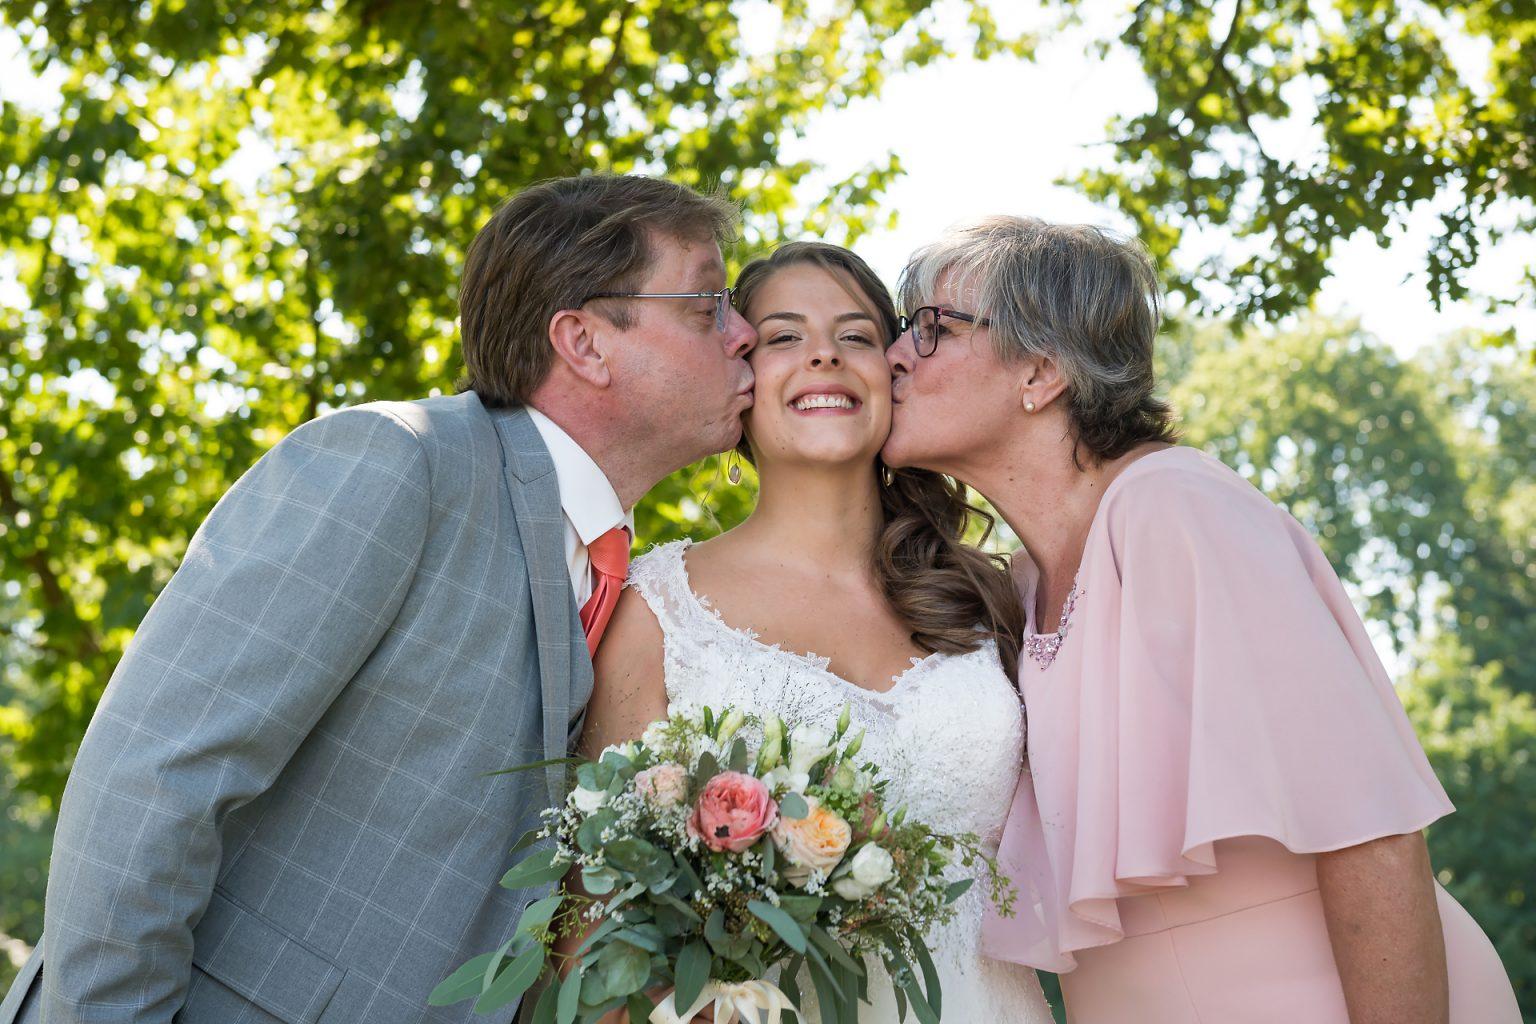 Photo de famille lors d'un mariage, Mariage de Jennifer et Benjamin, Aurore Delsoir photographe événementiel